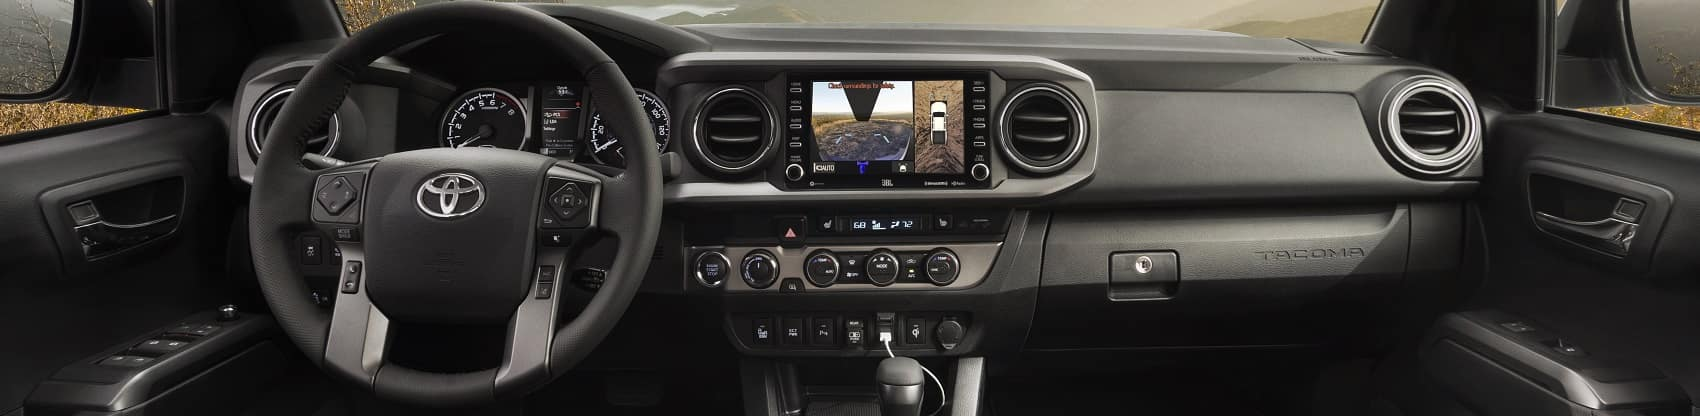 Toyota Tacoma Interior Review